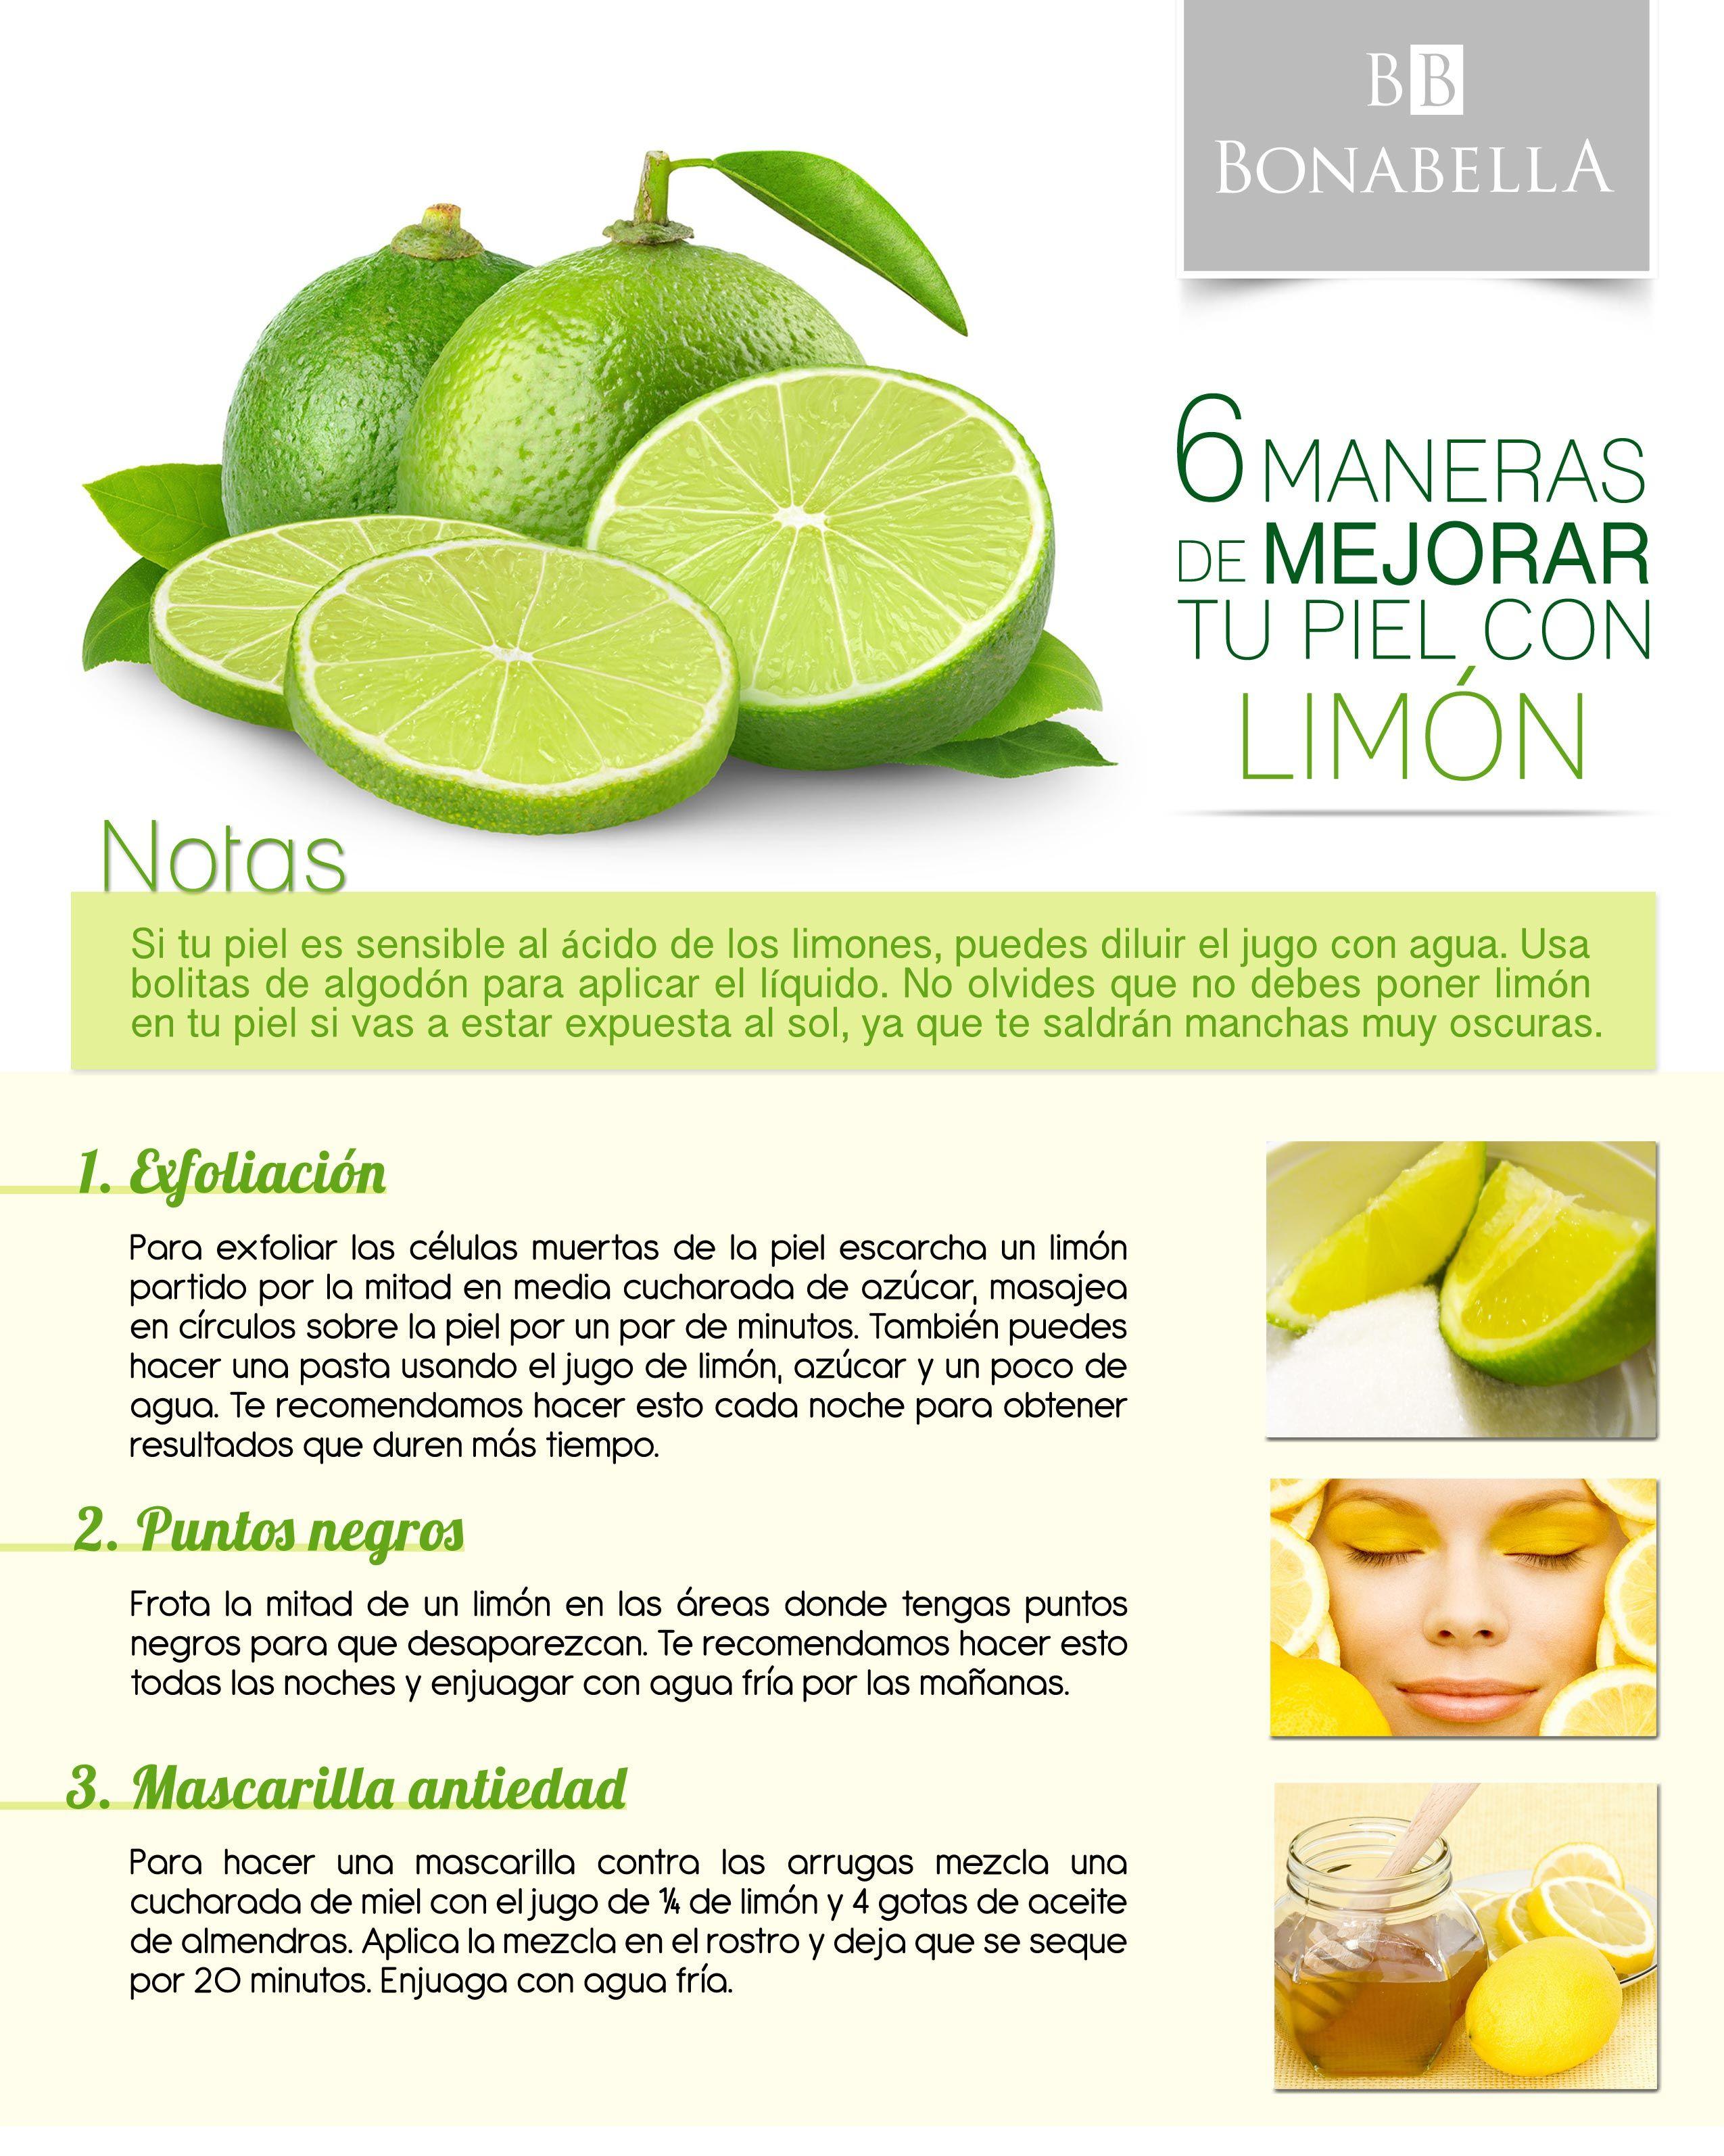 El limón es una fruta increíble que tiene muchos